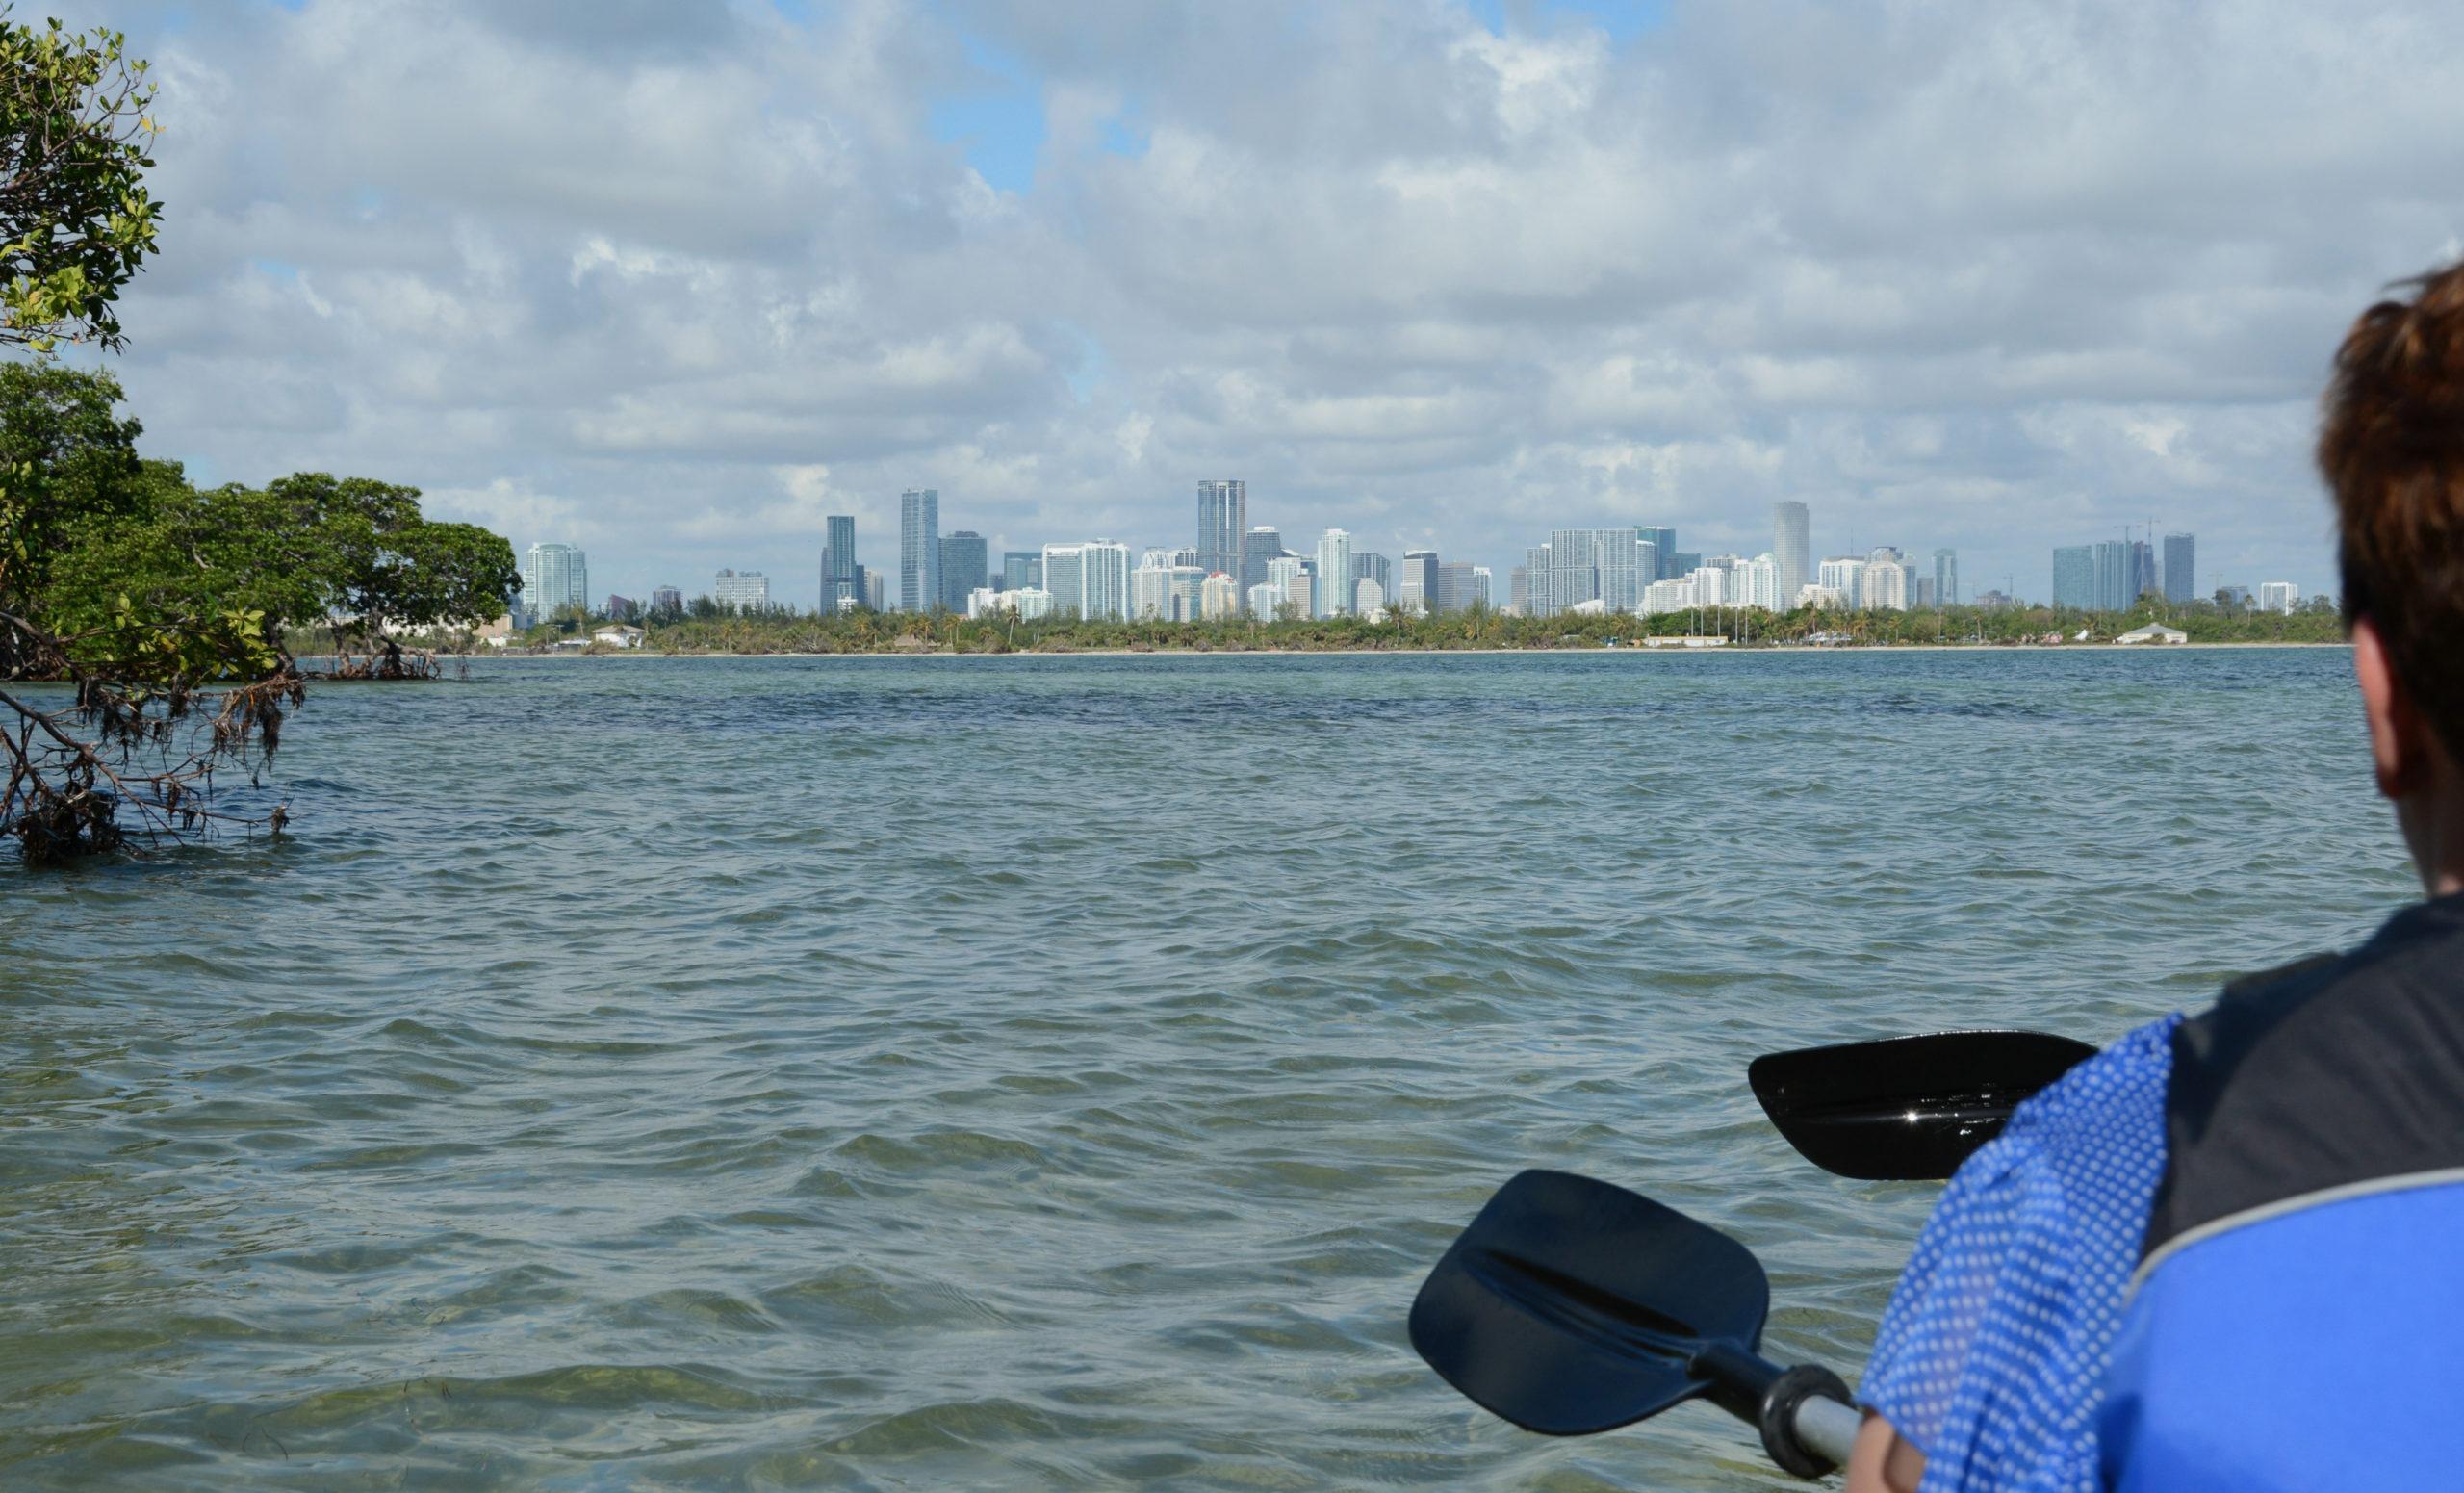 Paddeln in Miami mit Blick auf die Skyline